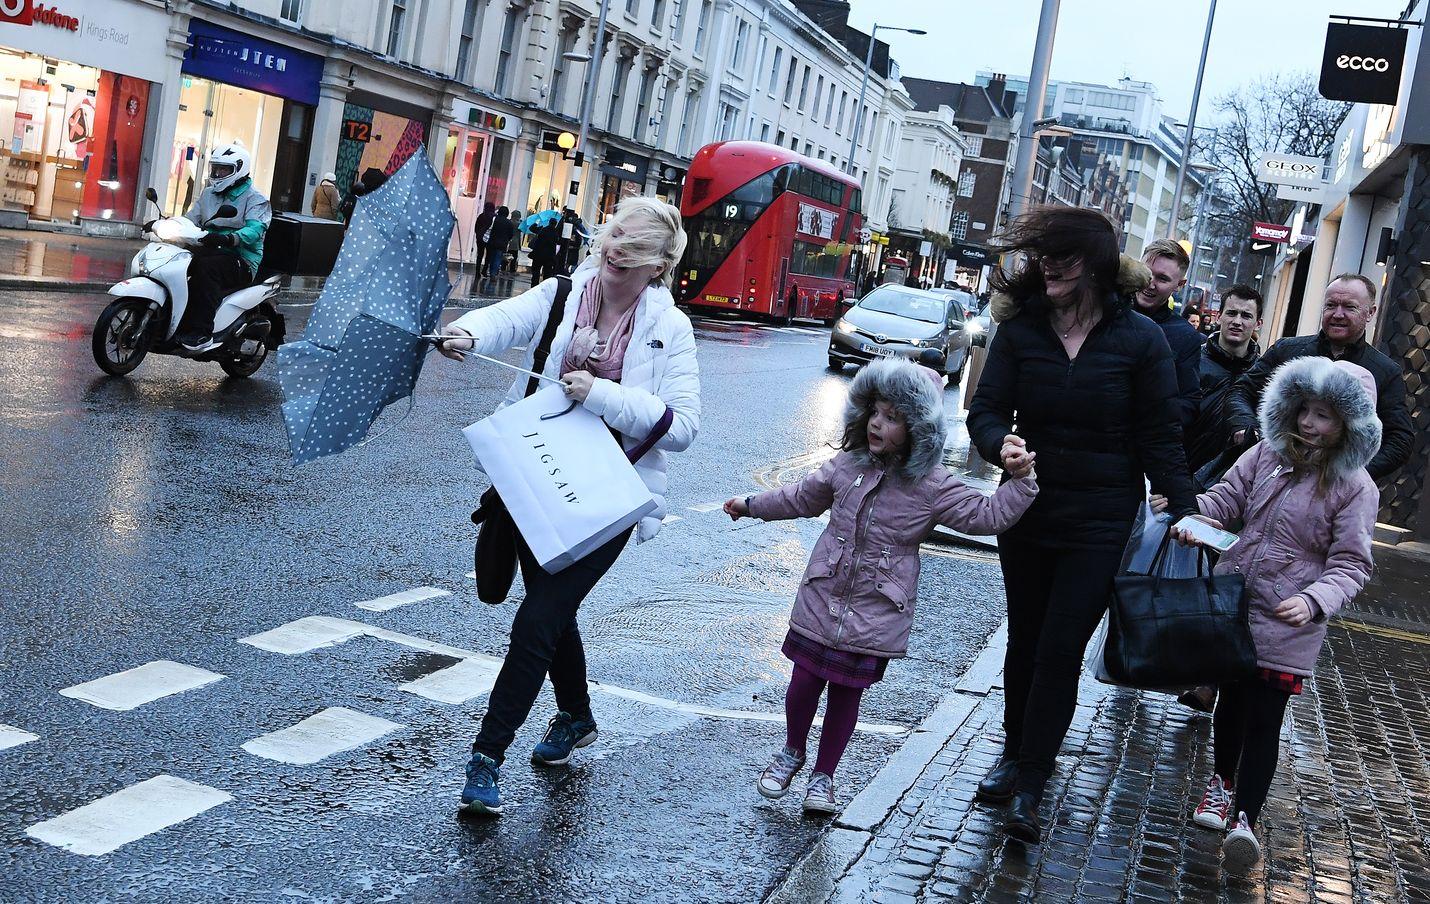 Dennis-myrsky on riepotellut viikonloppuna Brittein saaria kovilla tuulilla ja sateilla. Myrsky on vaatinut ainakin kaksi kuolonuhria. Britanniassa peruttiin viikonvaihteen aikana satoja lentoja myrskyn takia.